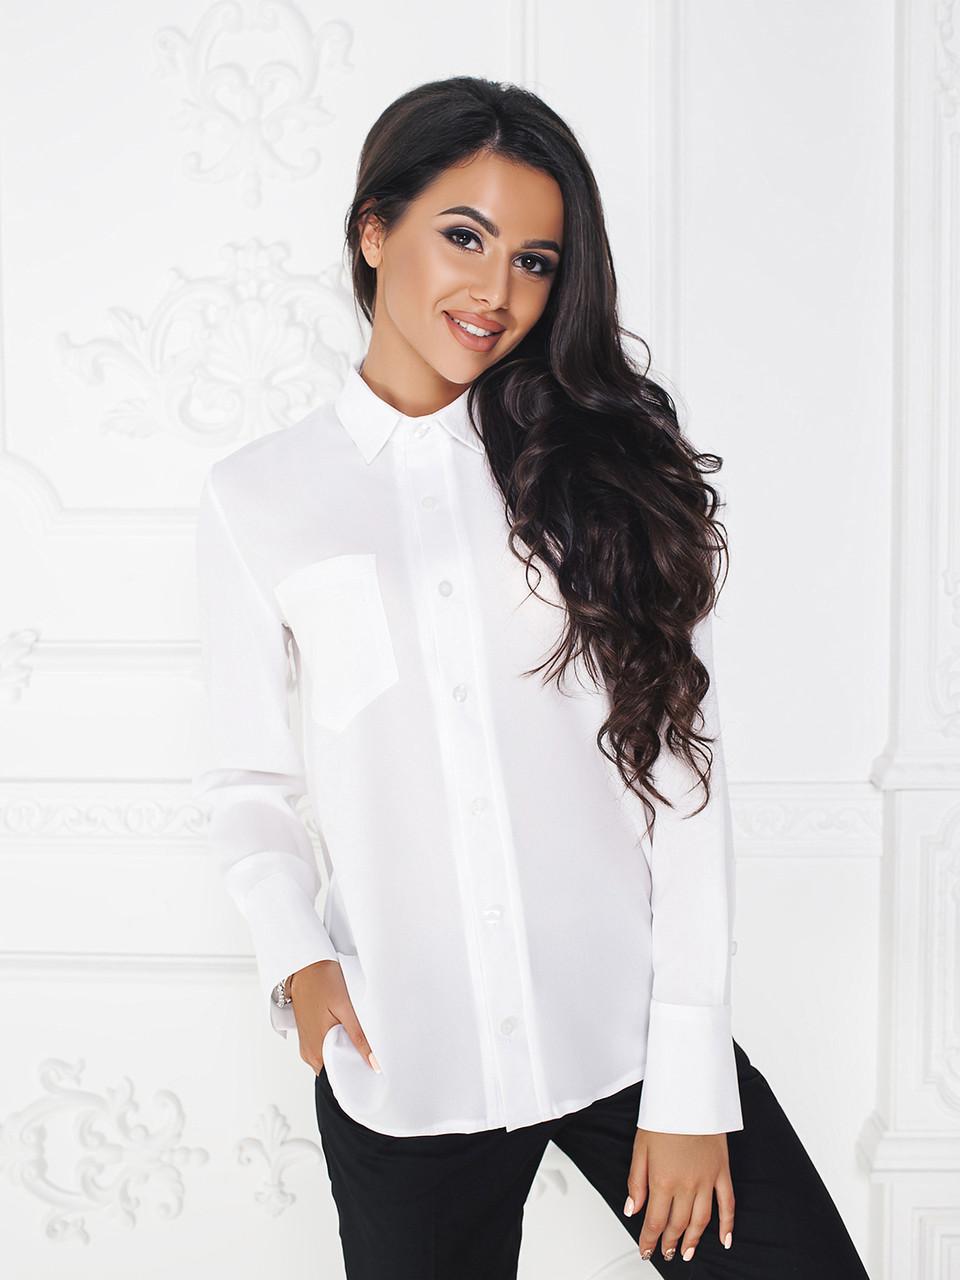 Рубашка белая Амандин классика